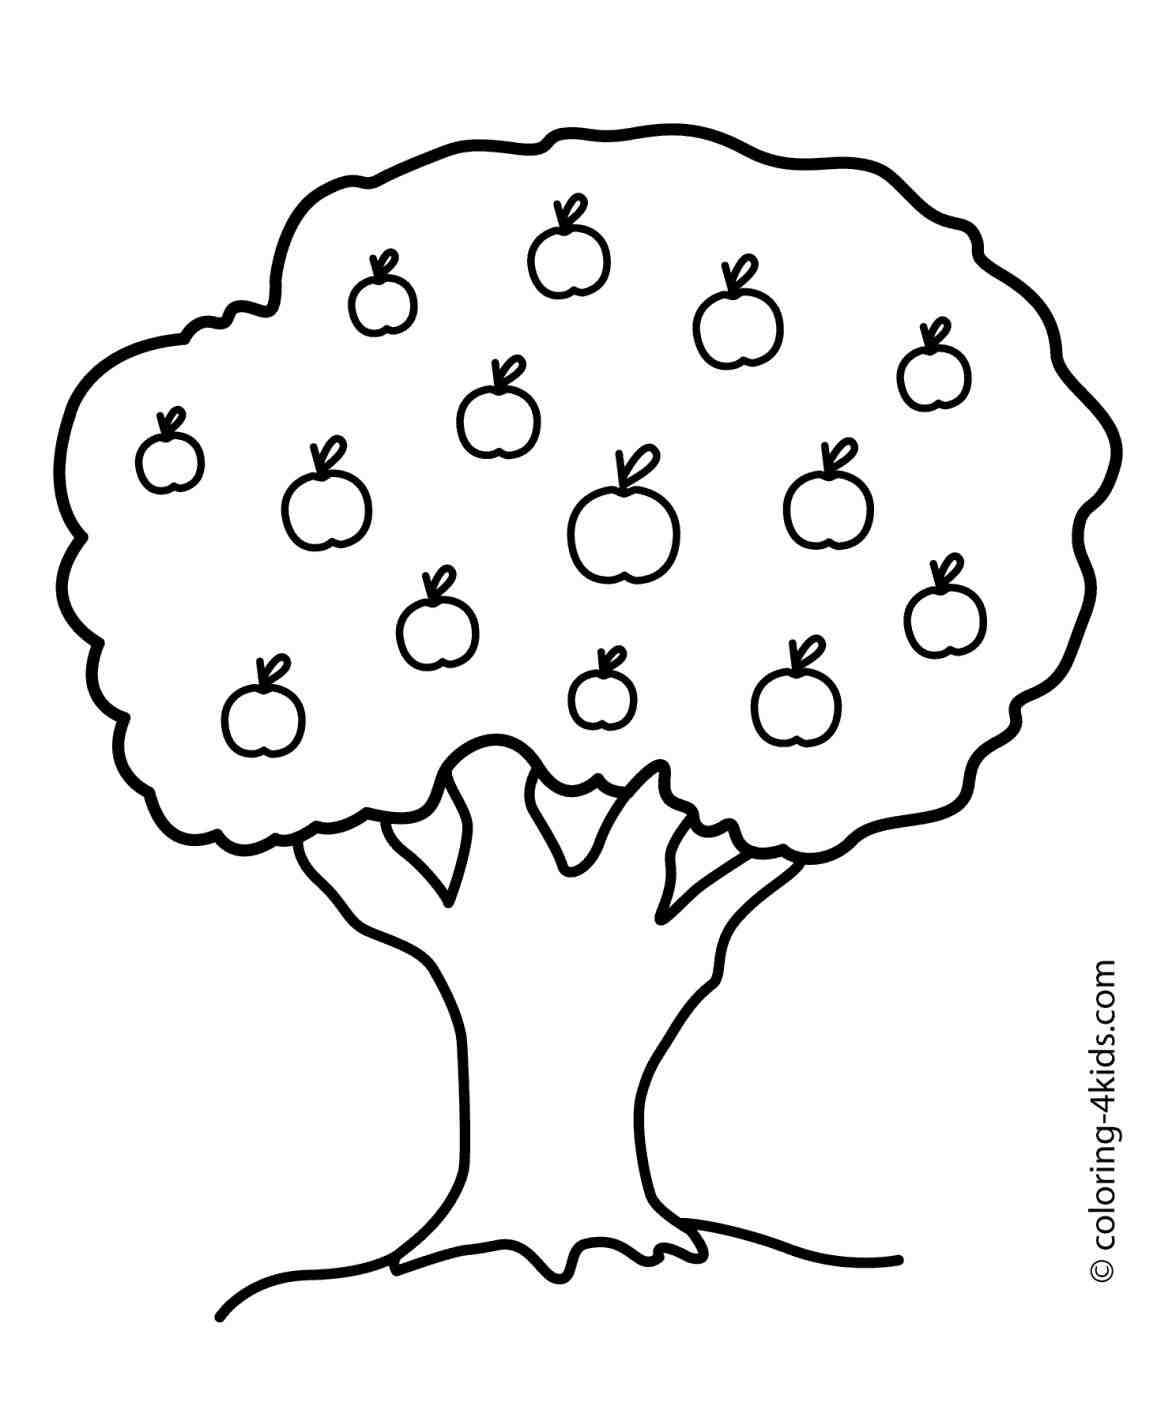 1172x1406 Simple Apple Tree Drawings